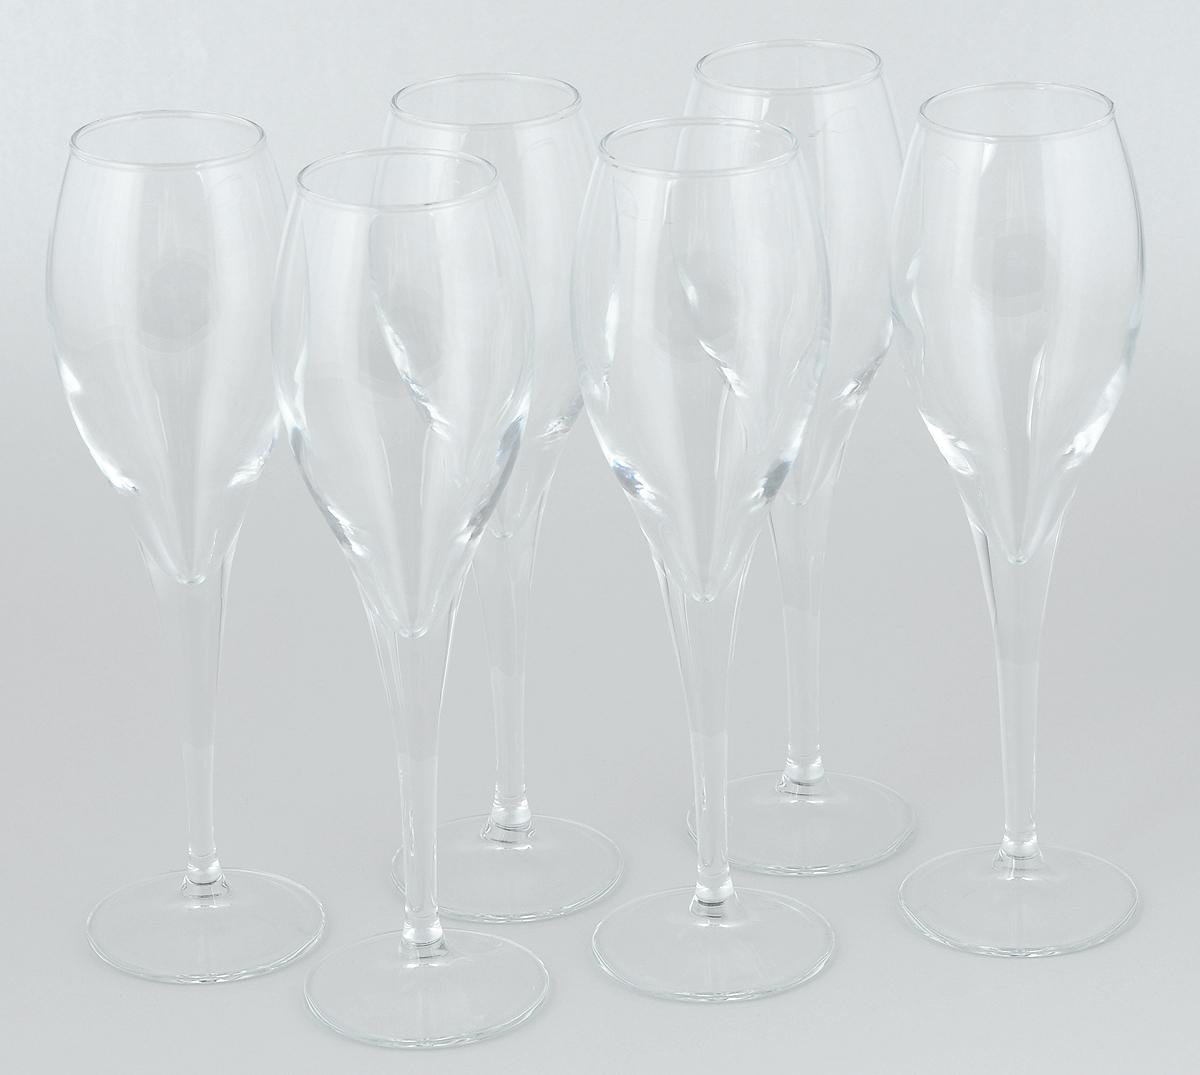 Набор бокалов Pasabahce Monte Carlo, 195 мл, 6 шт2007178UНабор Pasabahce Monte Carlo состоит из шести бокалов, выполненных из прочного натрий-кальций-силикатного стекла. Изделия оснащены высокими ножками и предназначены для подачи вина, а также шампанского. Они сочетают в себе элегантный дизайн и функциональность. Набор бокалов Pasabahce Monte Carlo прекрасно оформит праздничный стол и создаст приятную атмосферу за романтическим ужином. Такой набор также станет хорошим подарком к любому случаю.Высота бокала: 21,3 см.